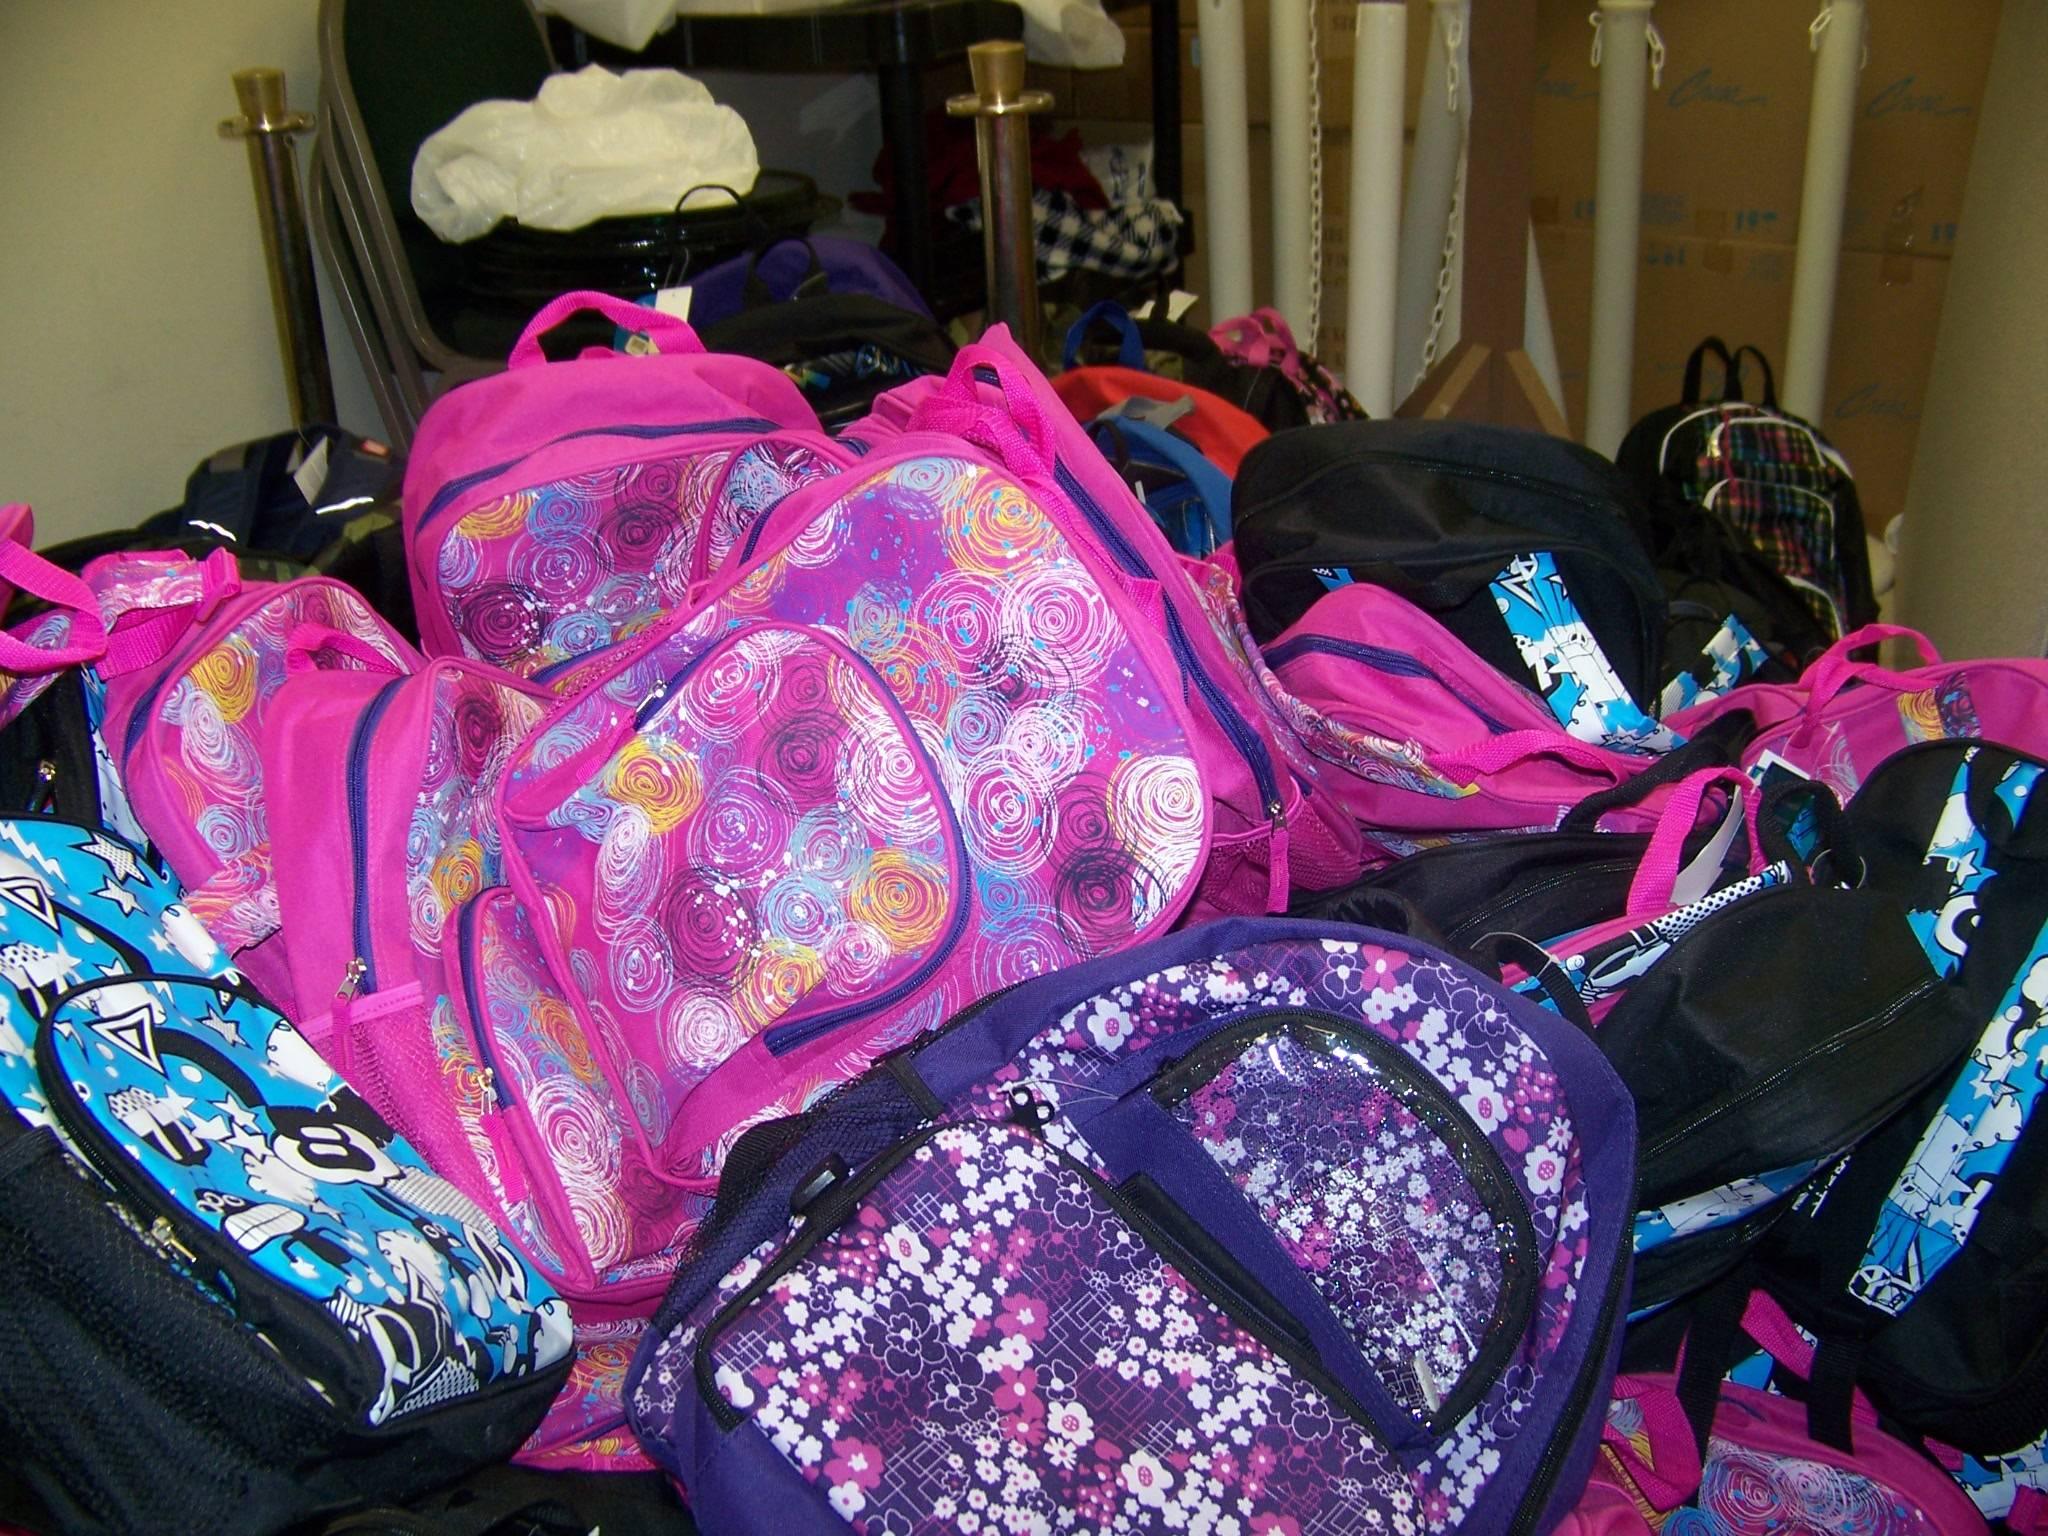 Mounds of backpacks